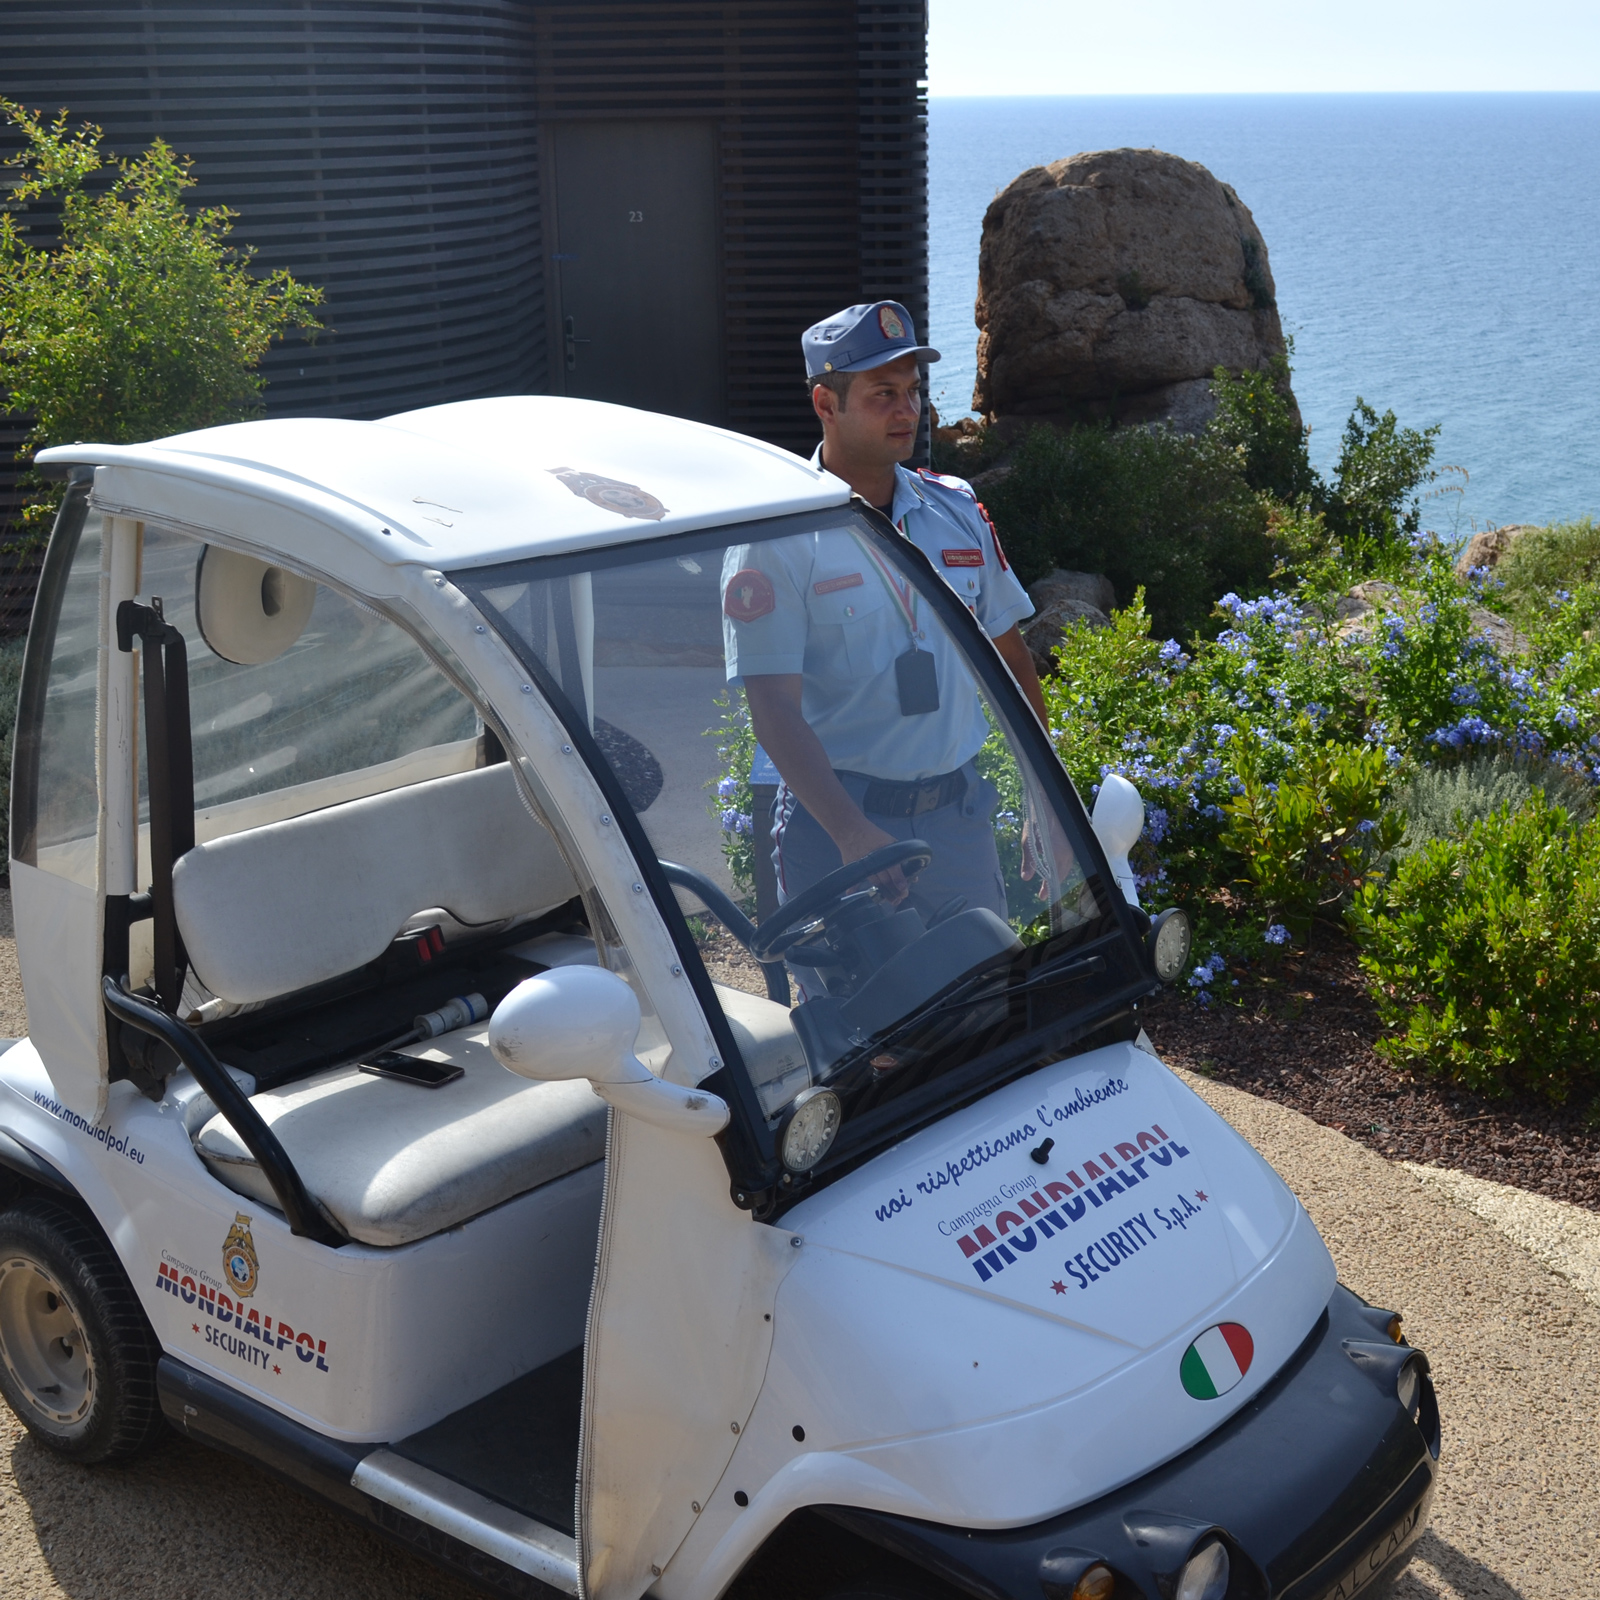 Natural Power e veicoli elettrici azienda